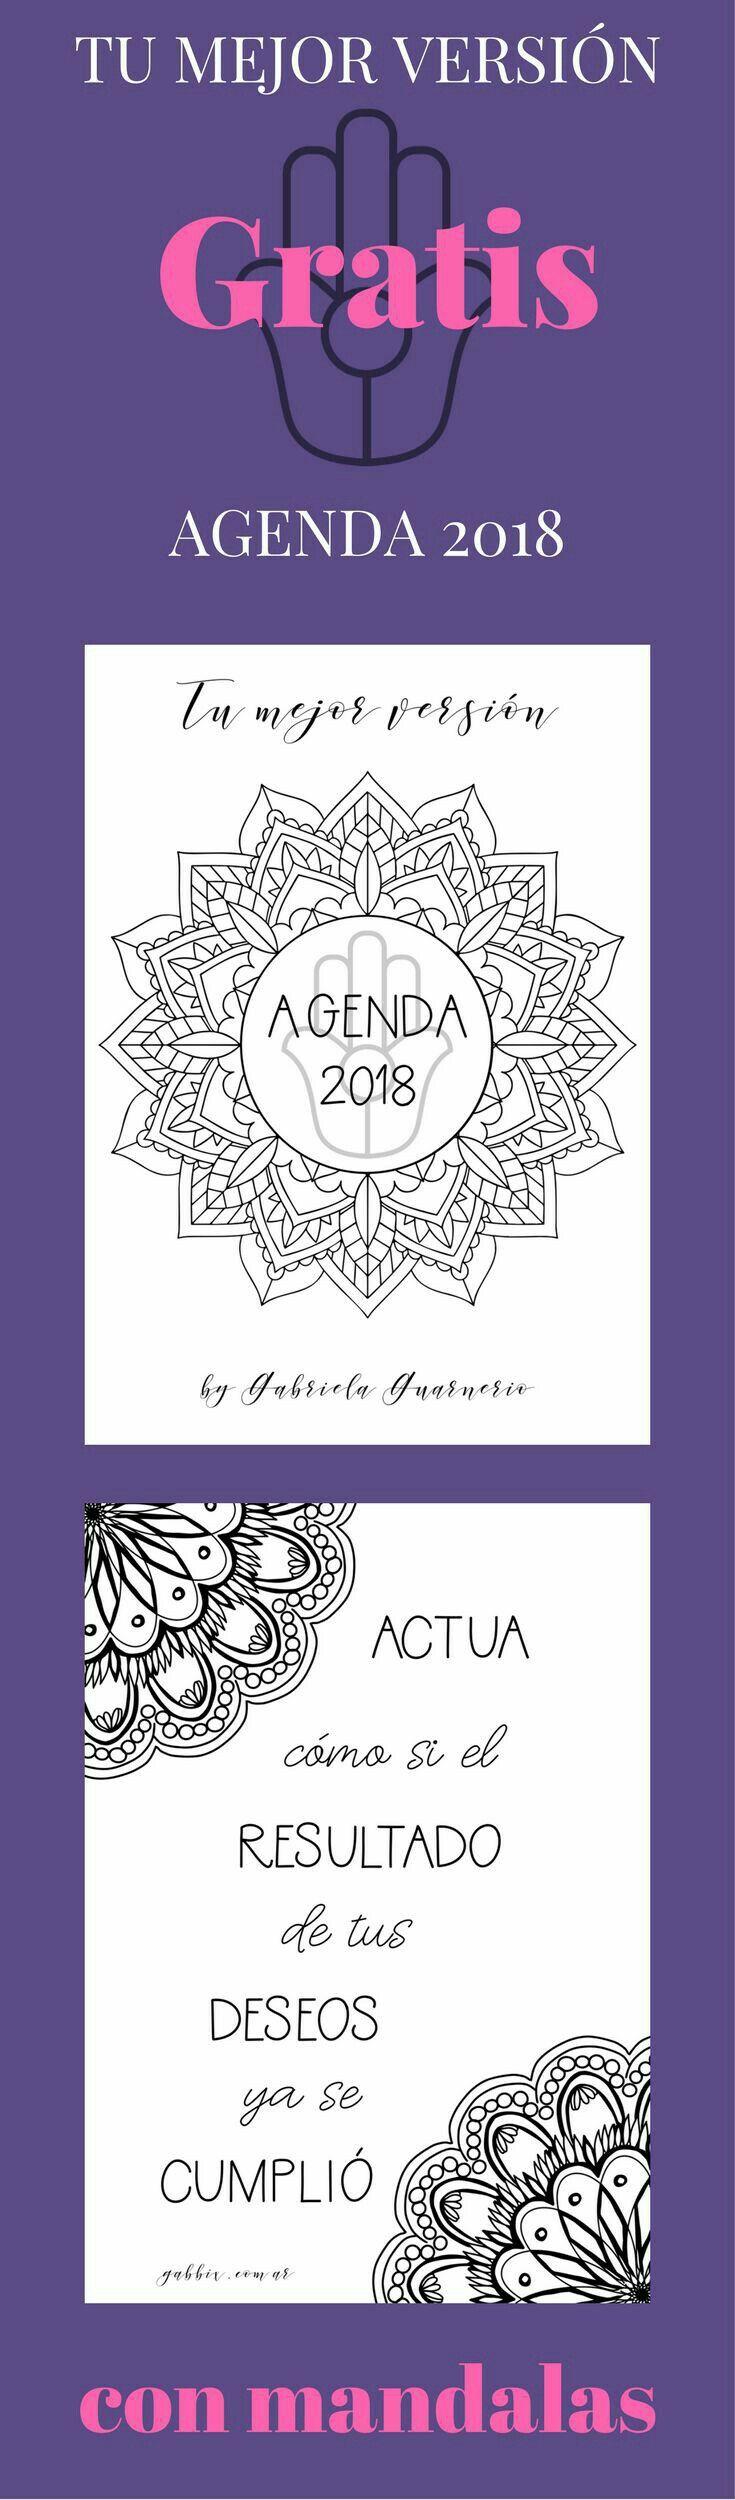 Agenda 2018 con mandalas para colorear. Gratis.Descarga inmediata ...